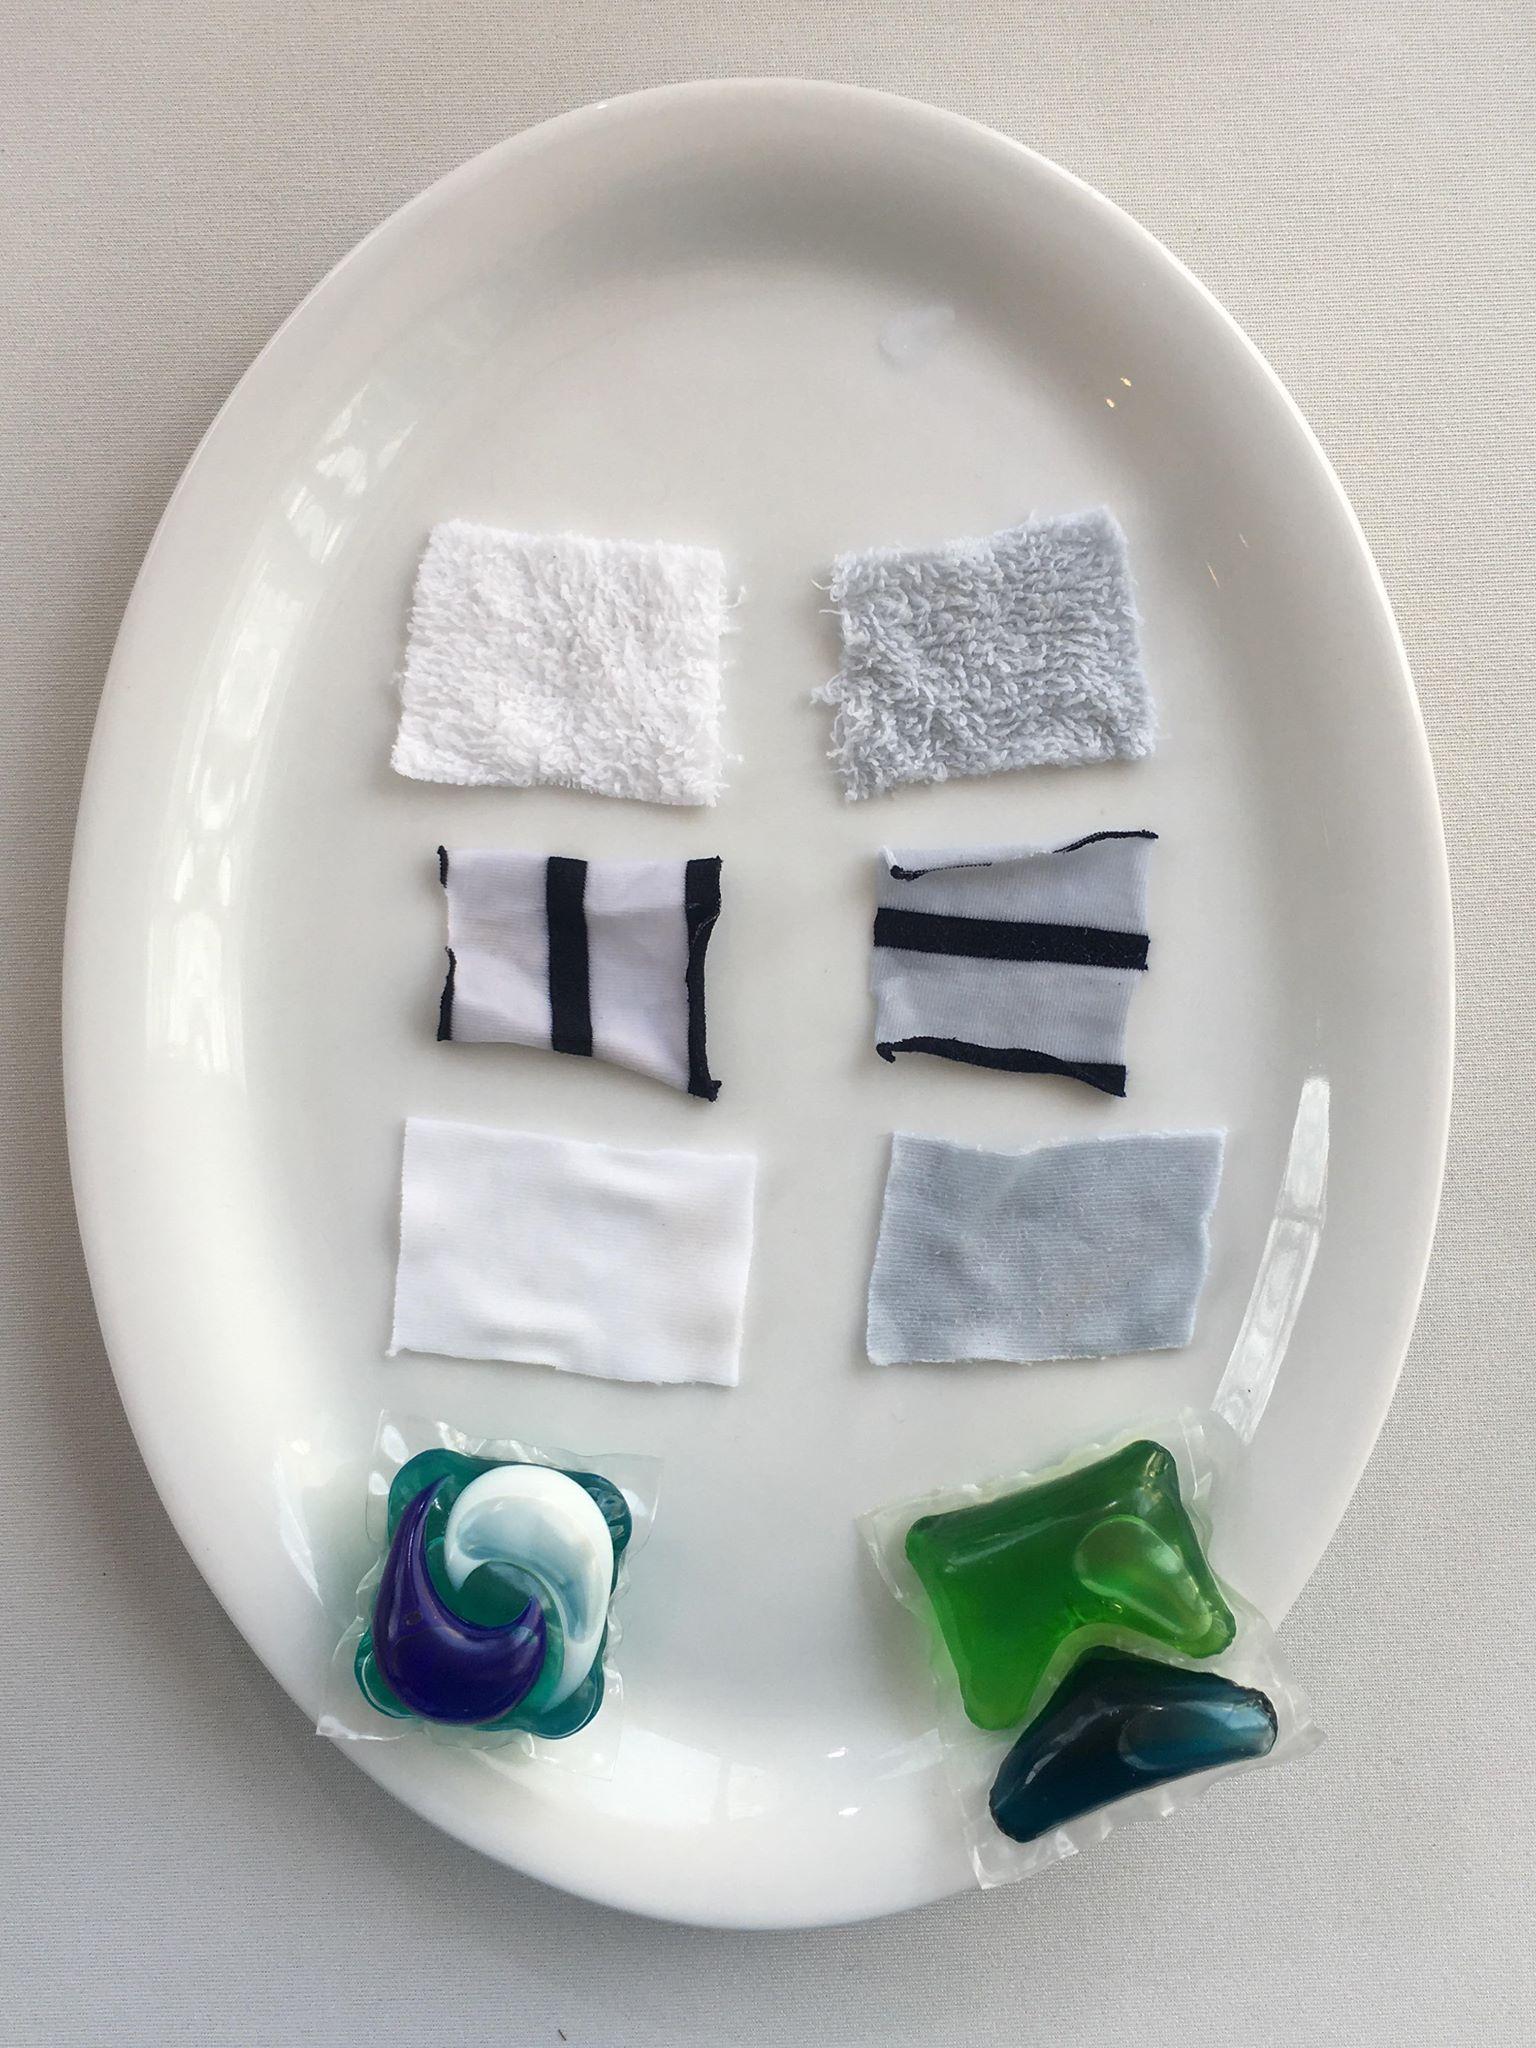 apsułki do prania, kaspułki ARIEL pod